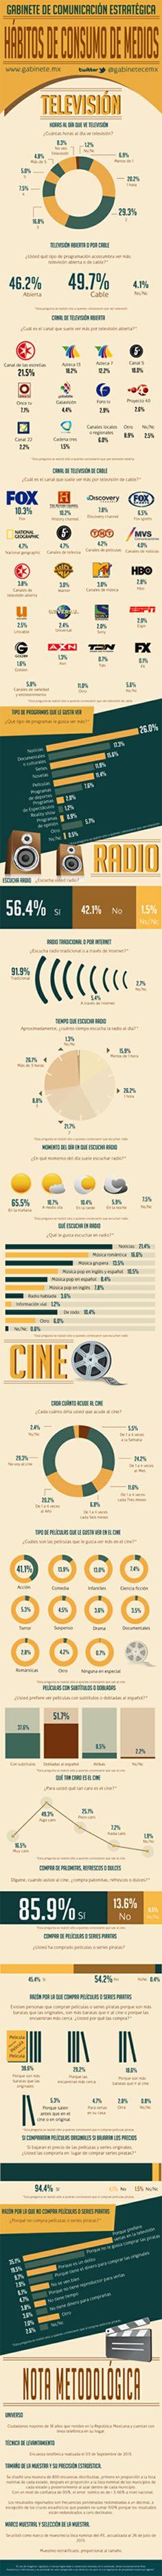 Hábitos de consumo de medios